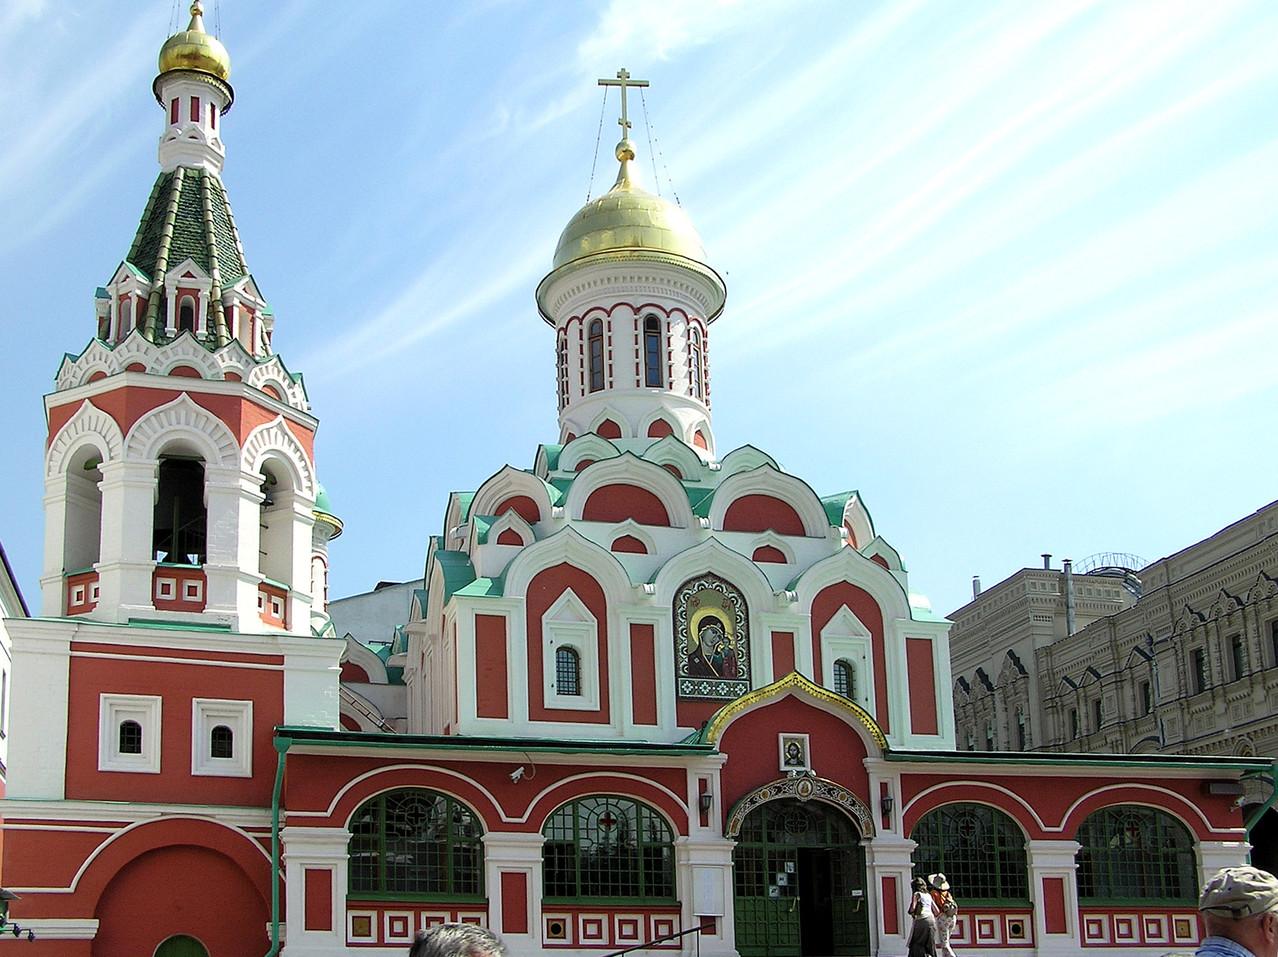 ... vorbei an der optisch ebenso interessanten Kazaner Kathedrale ...